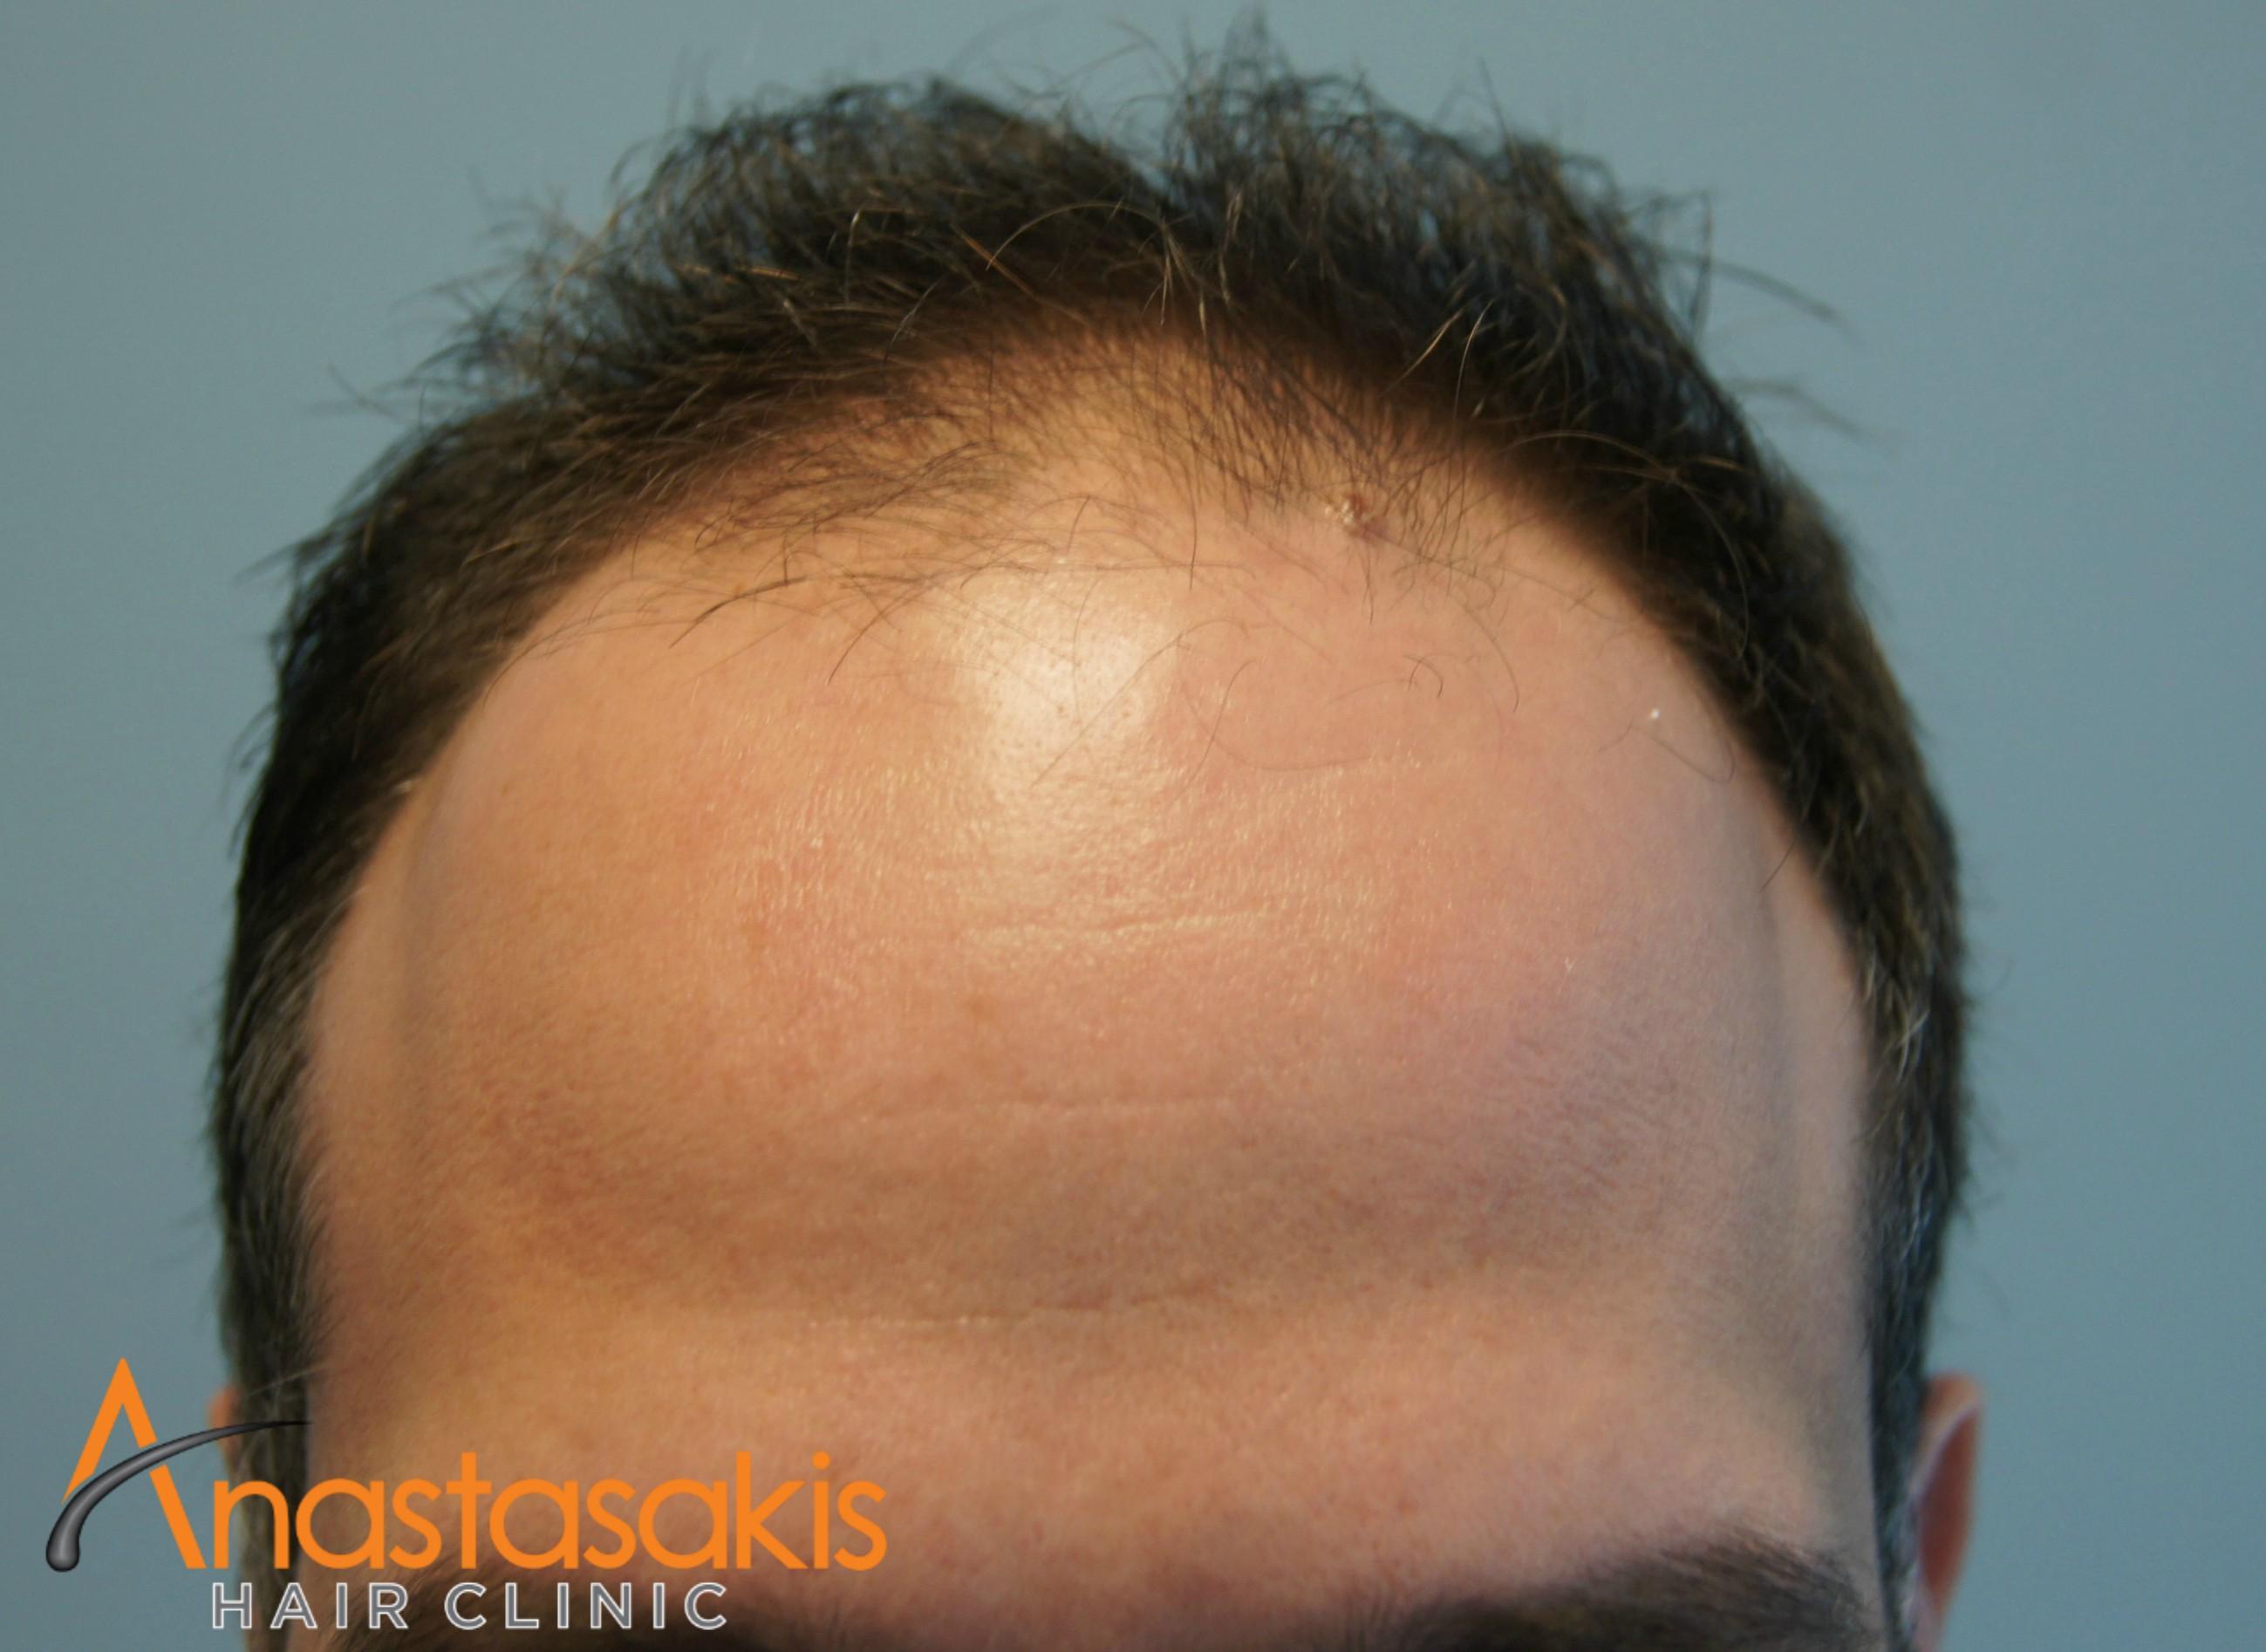 hairline ασθενους πριν τη μεταμοσχευση μαλλιων με 2200 fus